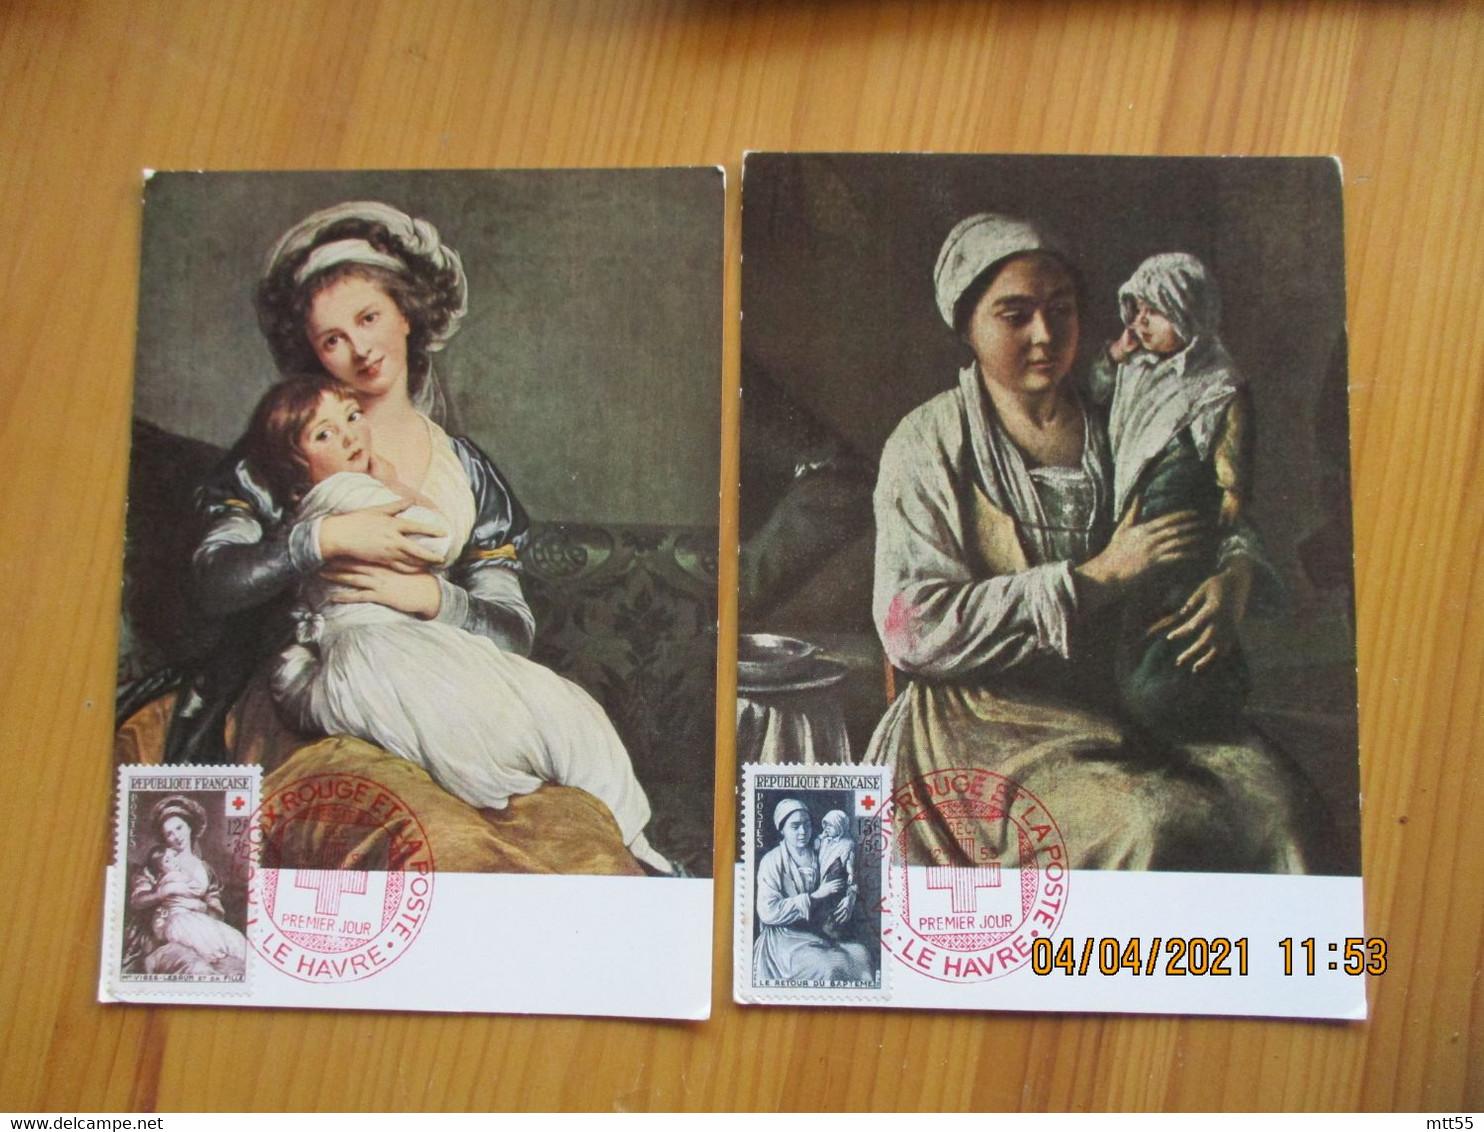 Croix Rouge Lot De 2 , Retour Bapteme Et Visee Lebrun Le Havre Cm Carte Maximum - 1950-59